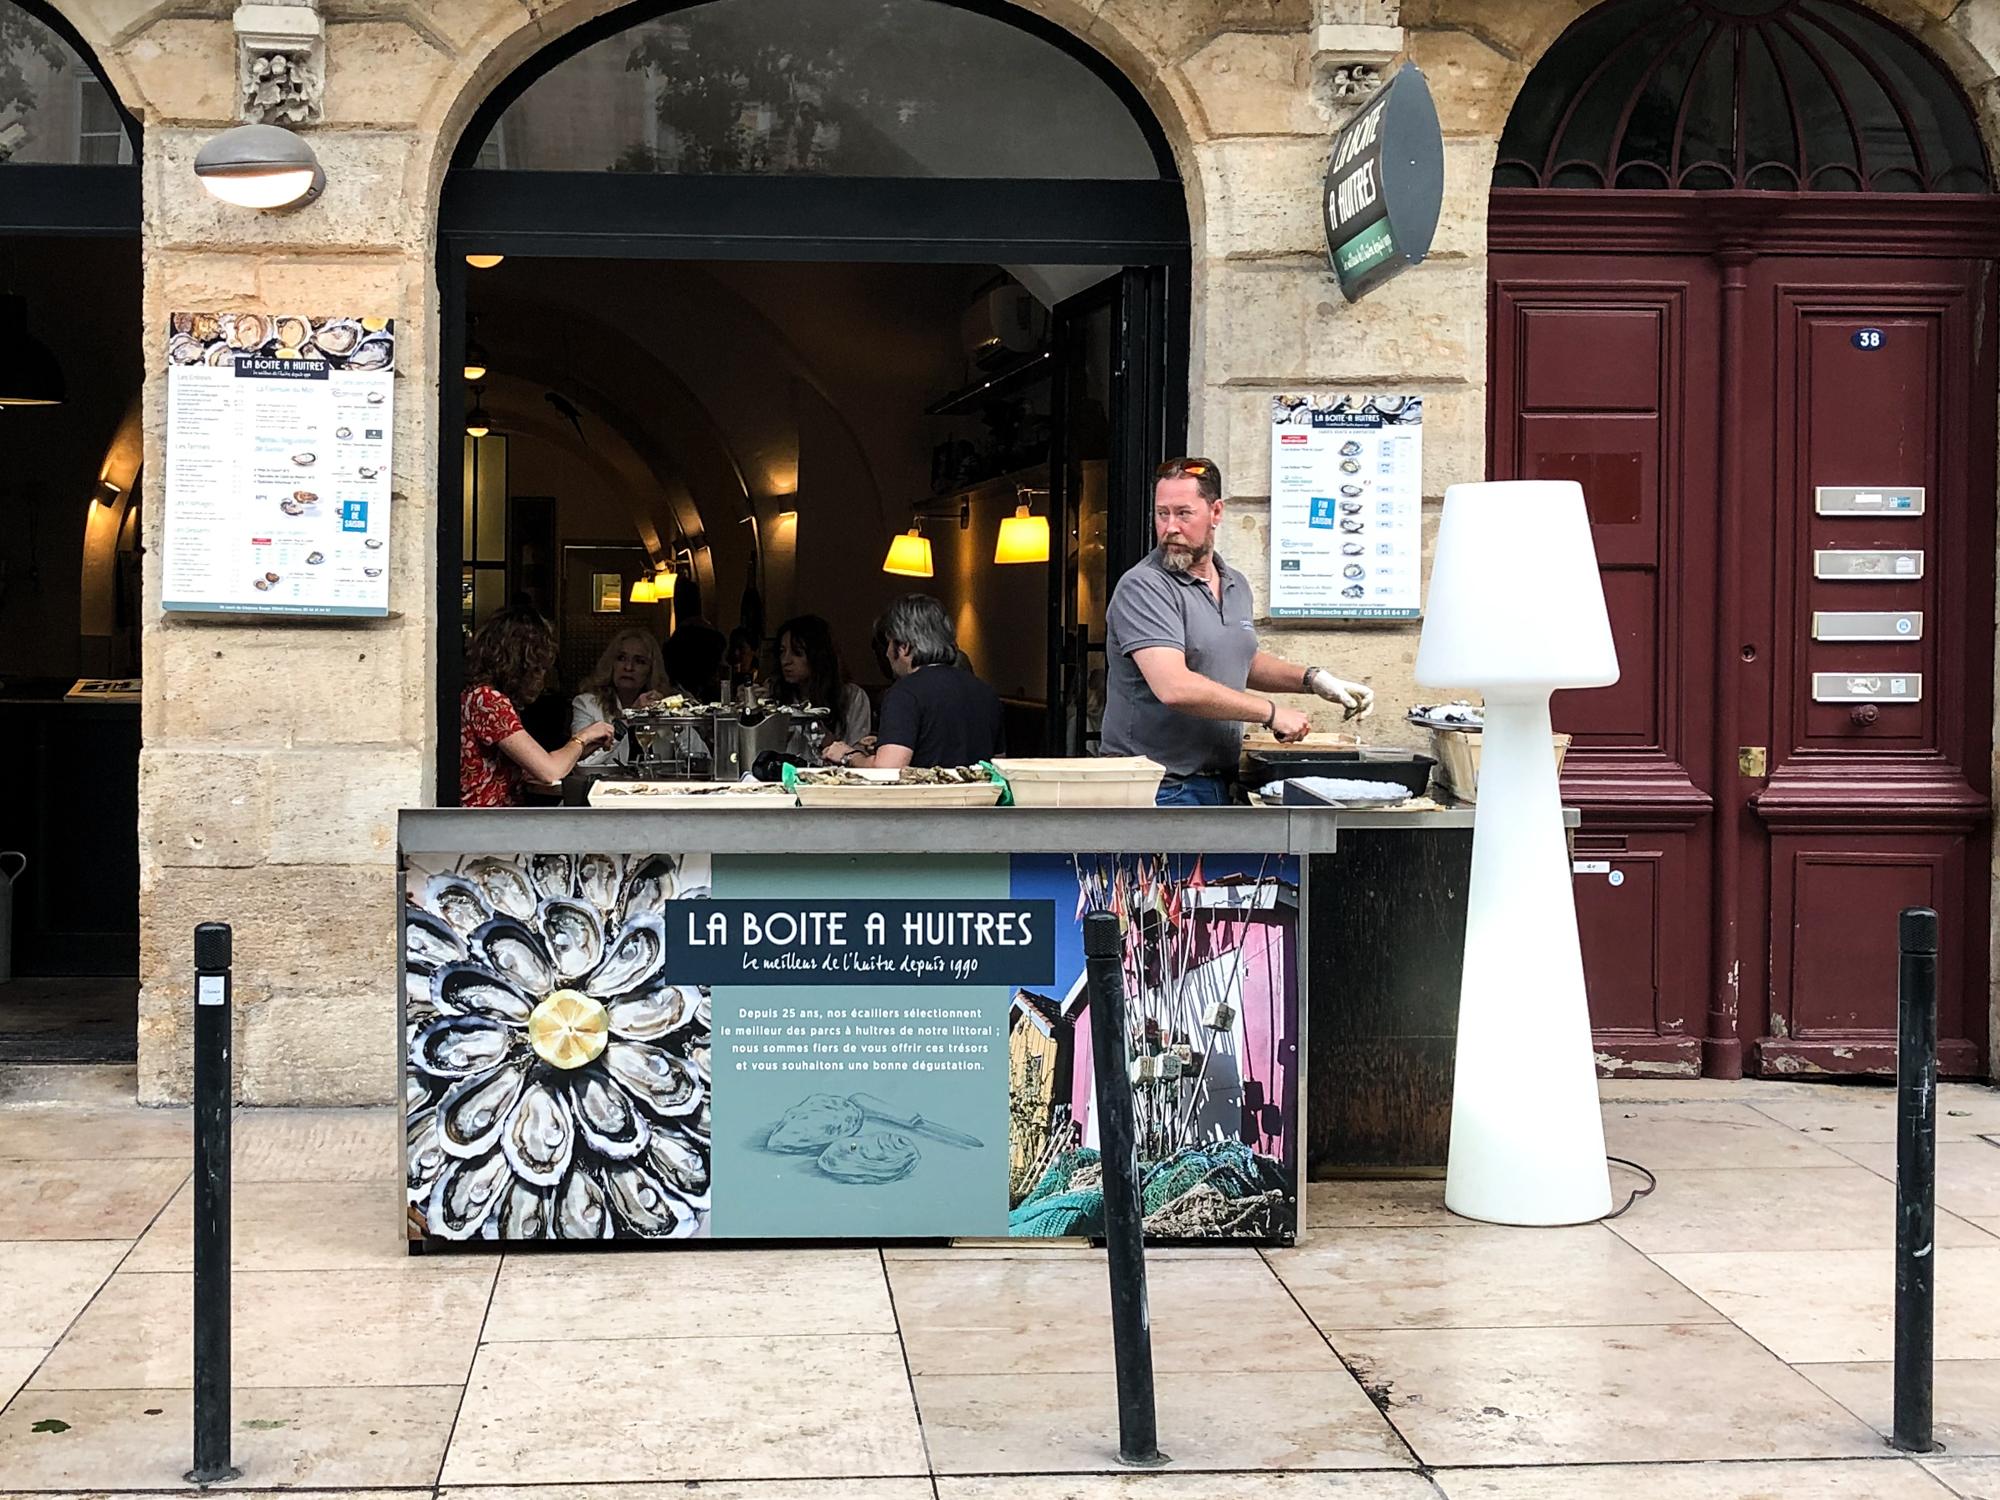 De lekkerste oesters van Bordeaux bij La Boite a Huitres